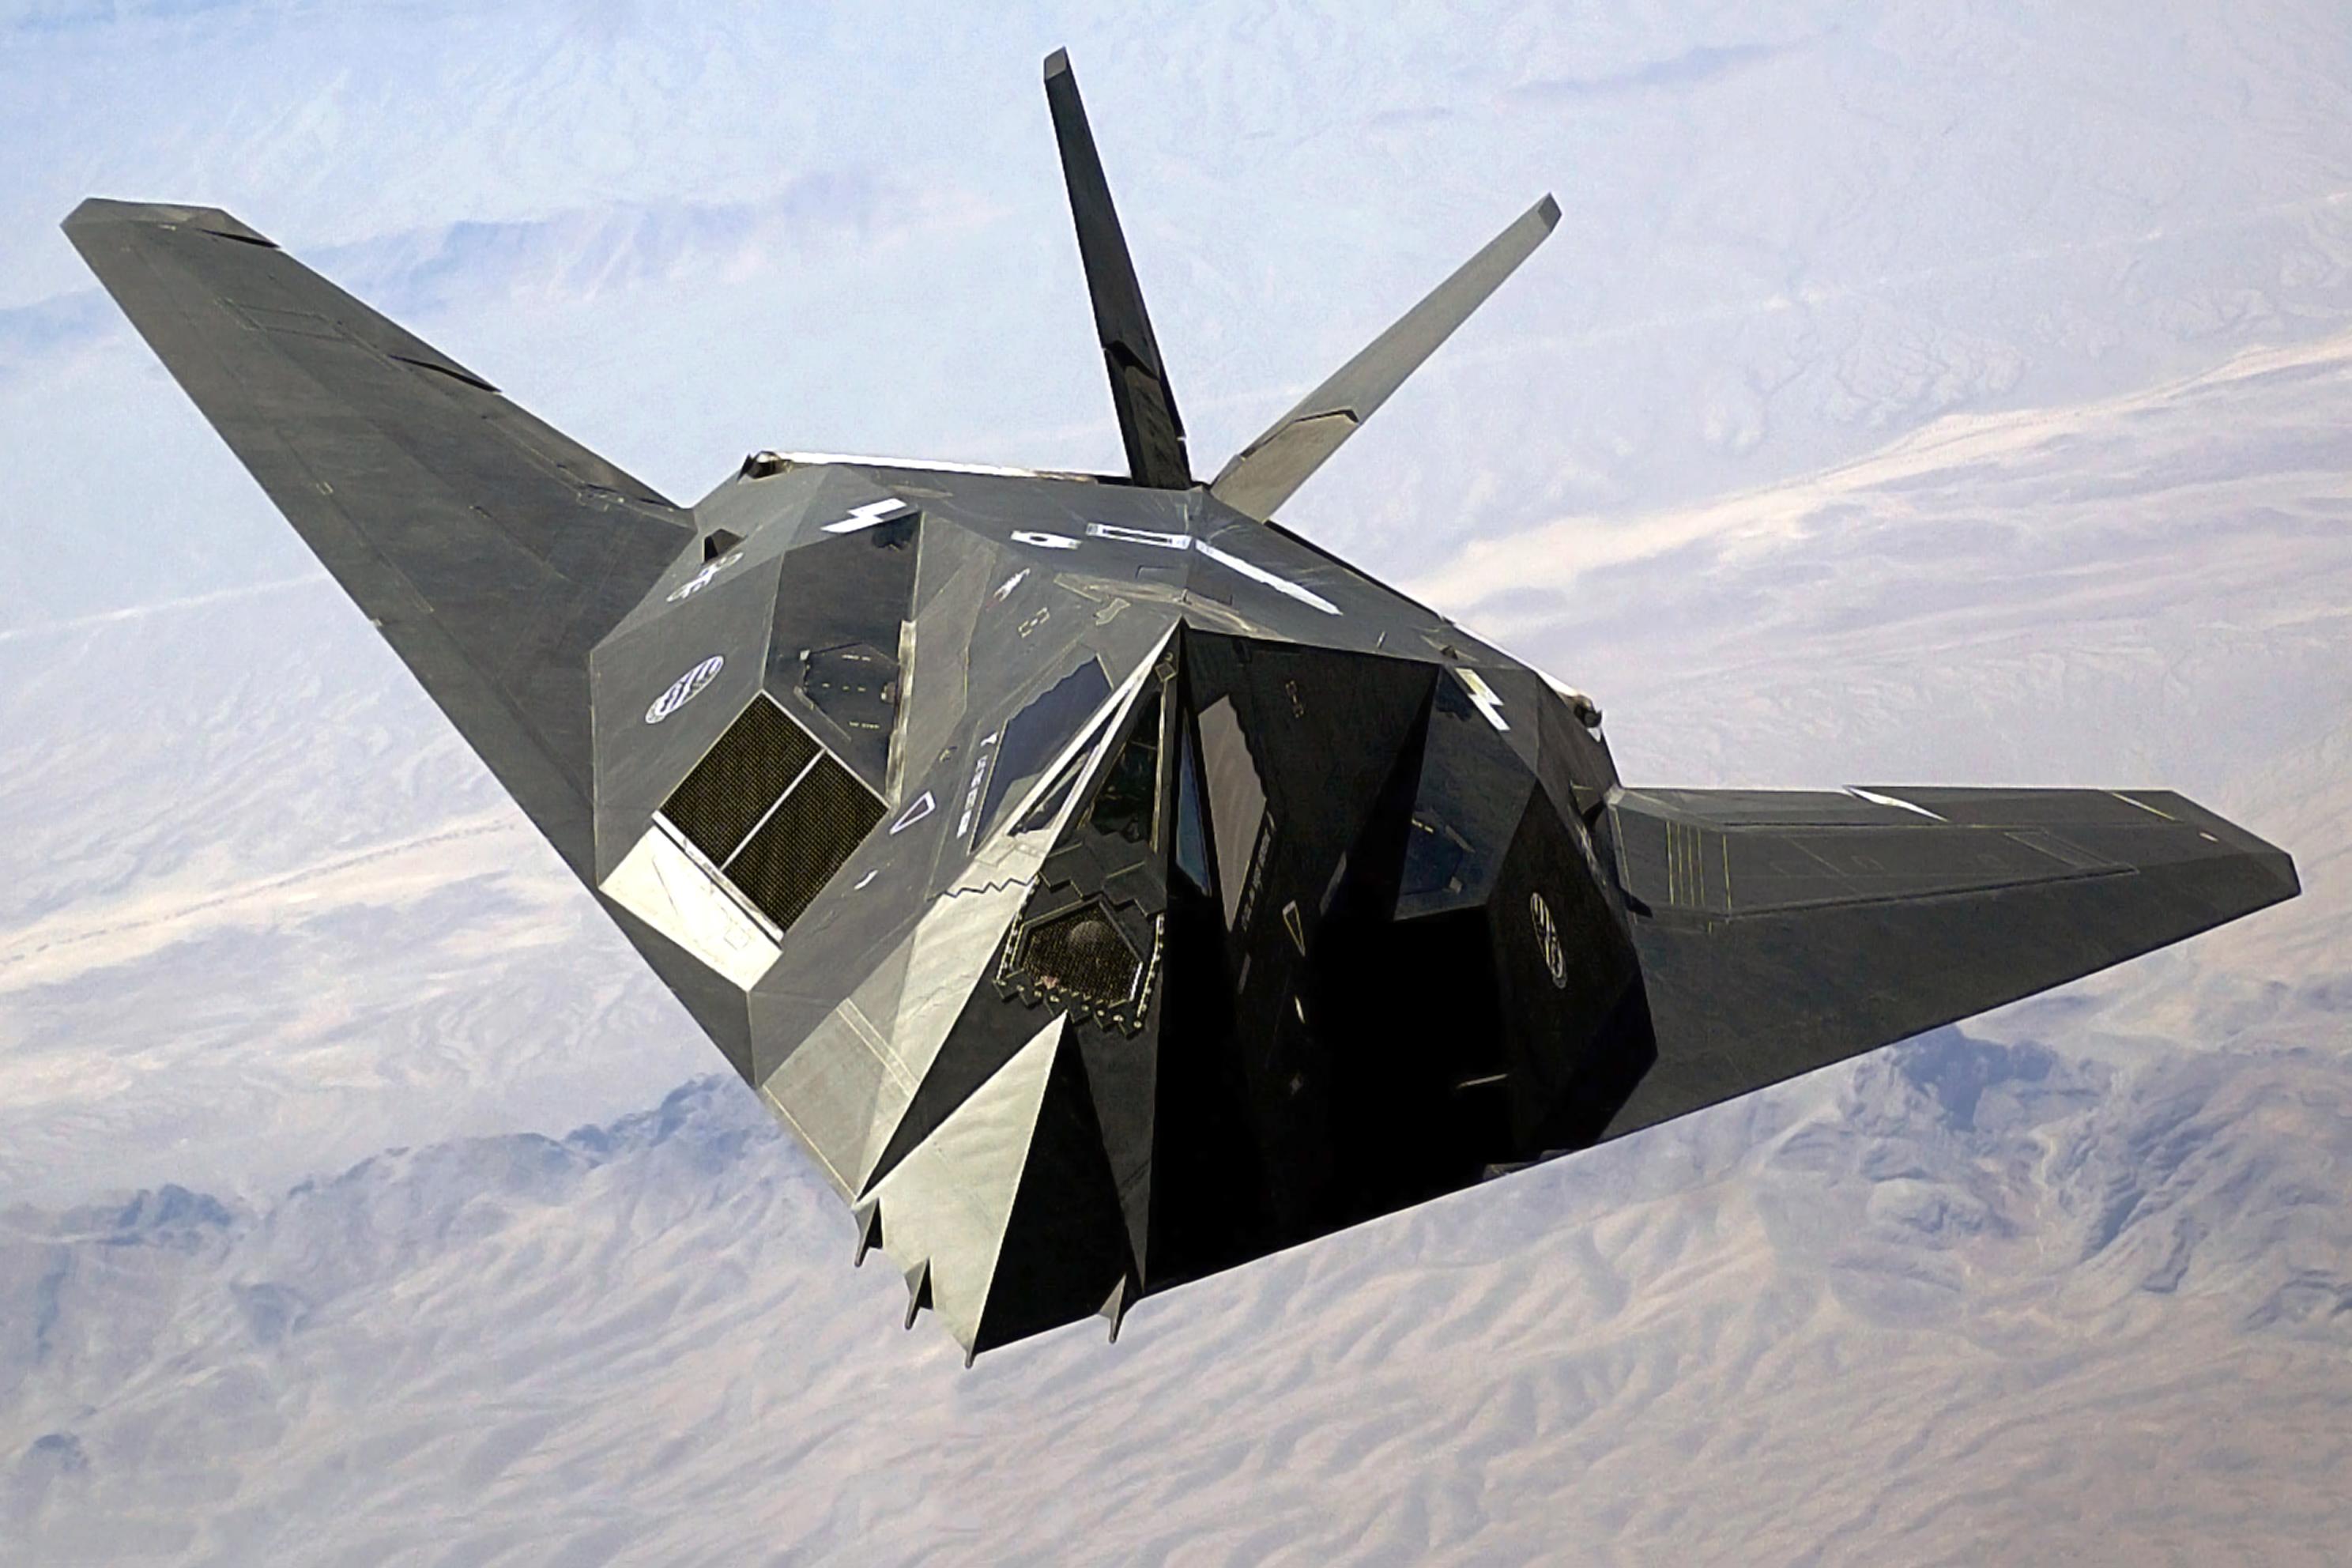 Lockheed F-117 Nighthawk, o primeiro avião invisível. A sua forma característica foi obtida resolvendo as equações de Maxwell (que envolvem a divergência e o o rotacional do campo elétrico e do campo magnético) para uma onda plana incidindo numa estrutura multifacetada, de forma a minimizar o eco de radar.